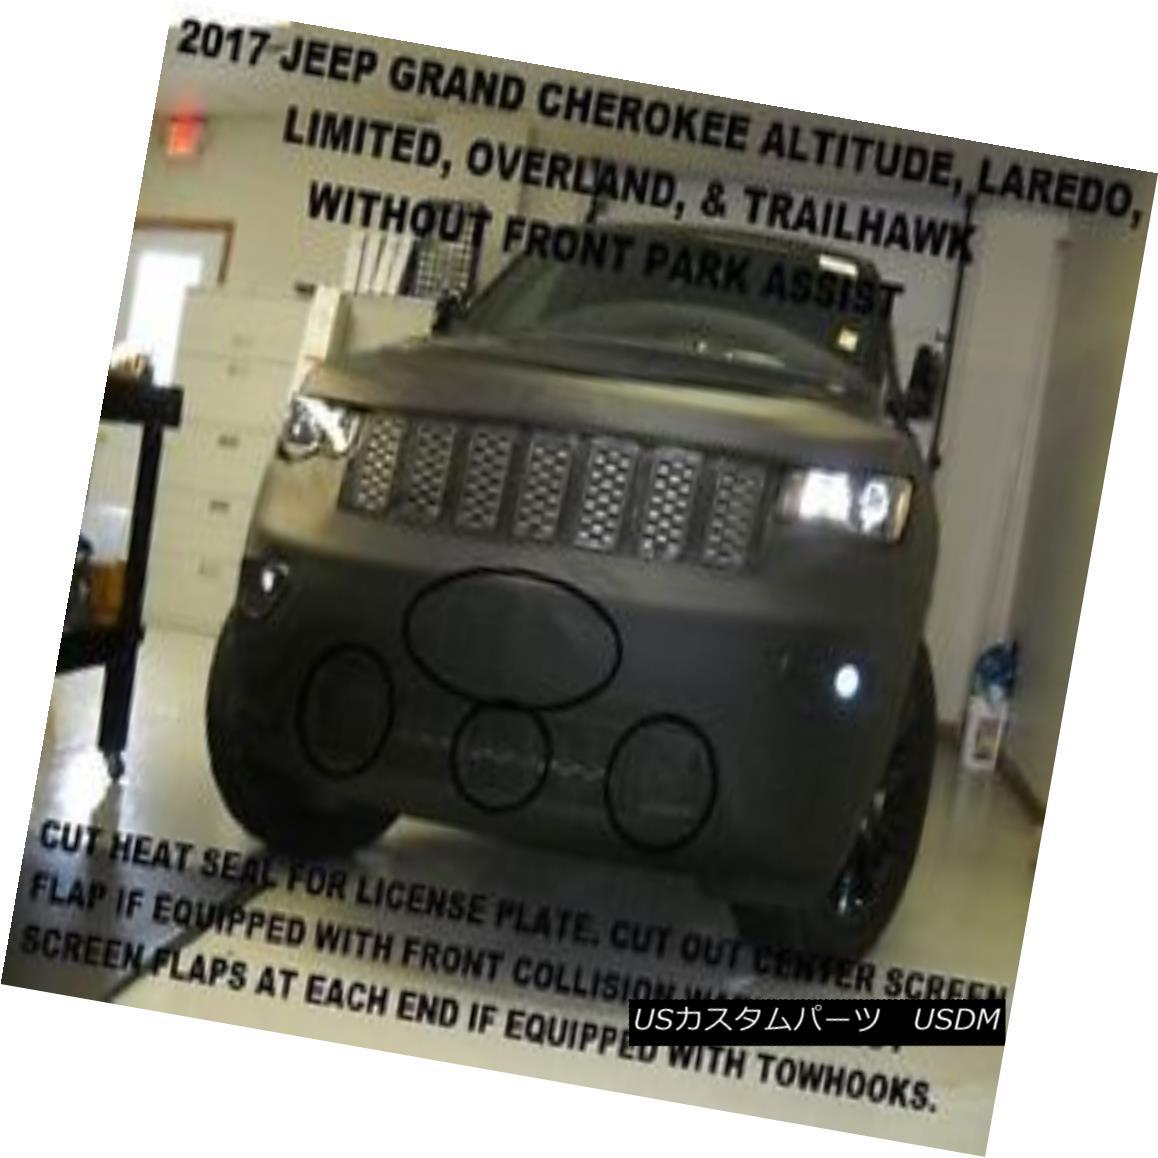 フルブラ ノーズブラ Lebra Front End Mask Bra Fits 2017-2018 Jeep Grand Cherokee Lim.,Laredo,w/o park Lebraフロントエンドマスクブラフィット2017-2018 Jeep Grand Cherokee Lim。、Laredo、o park画像